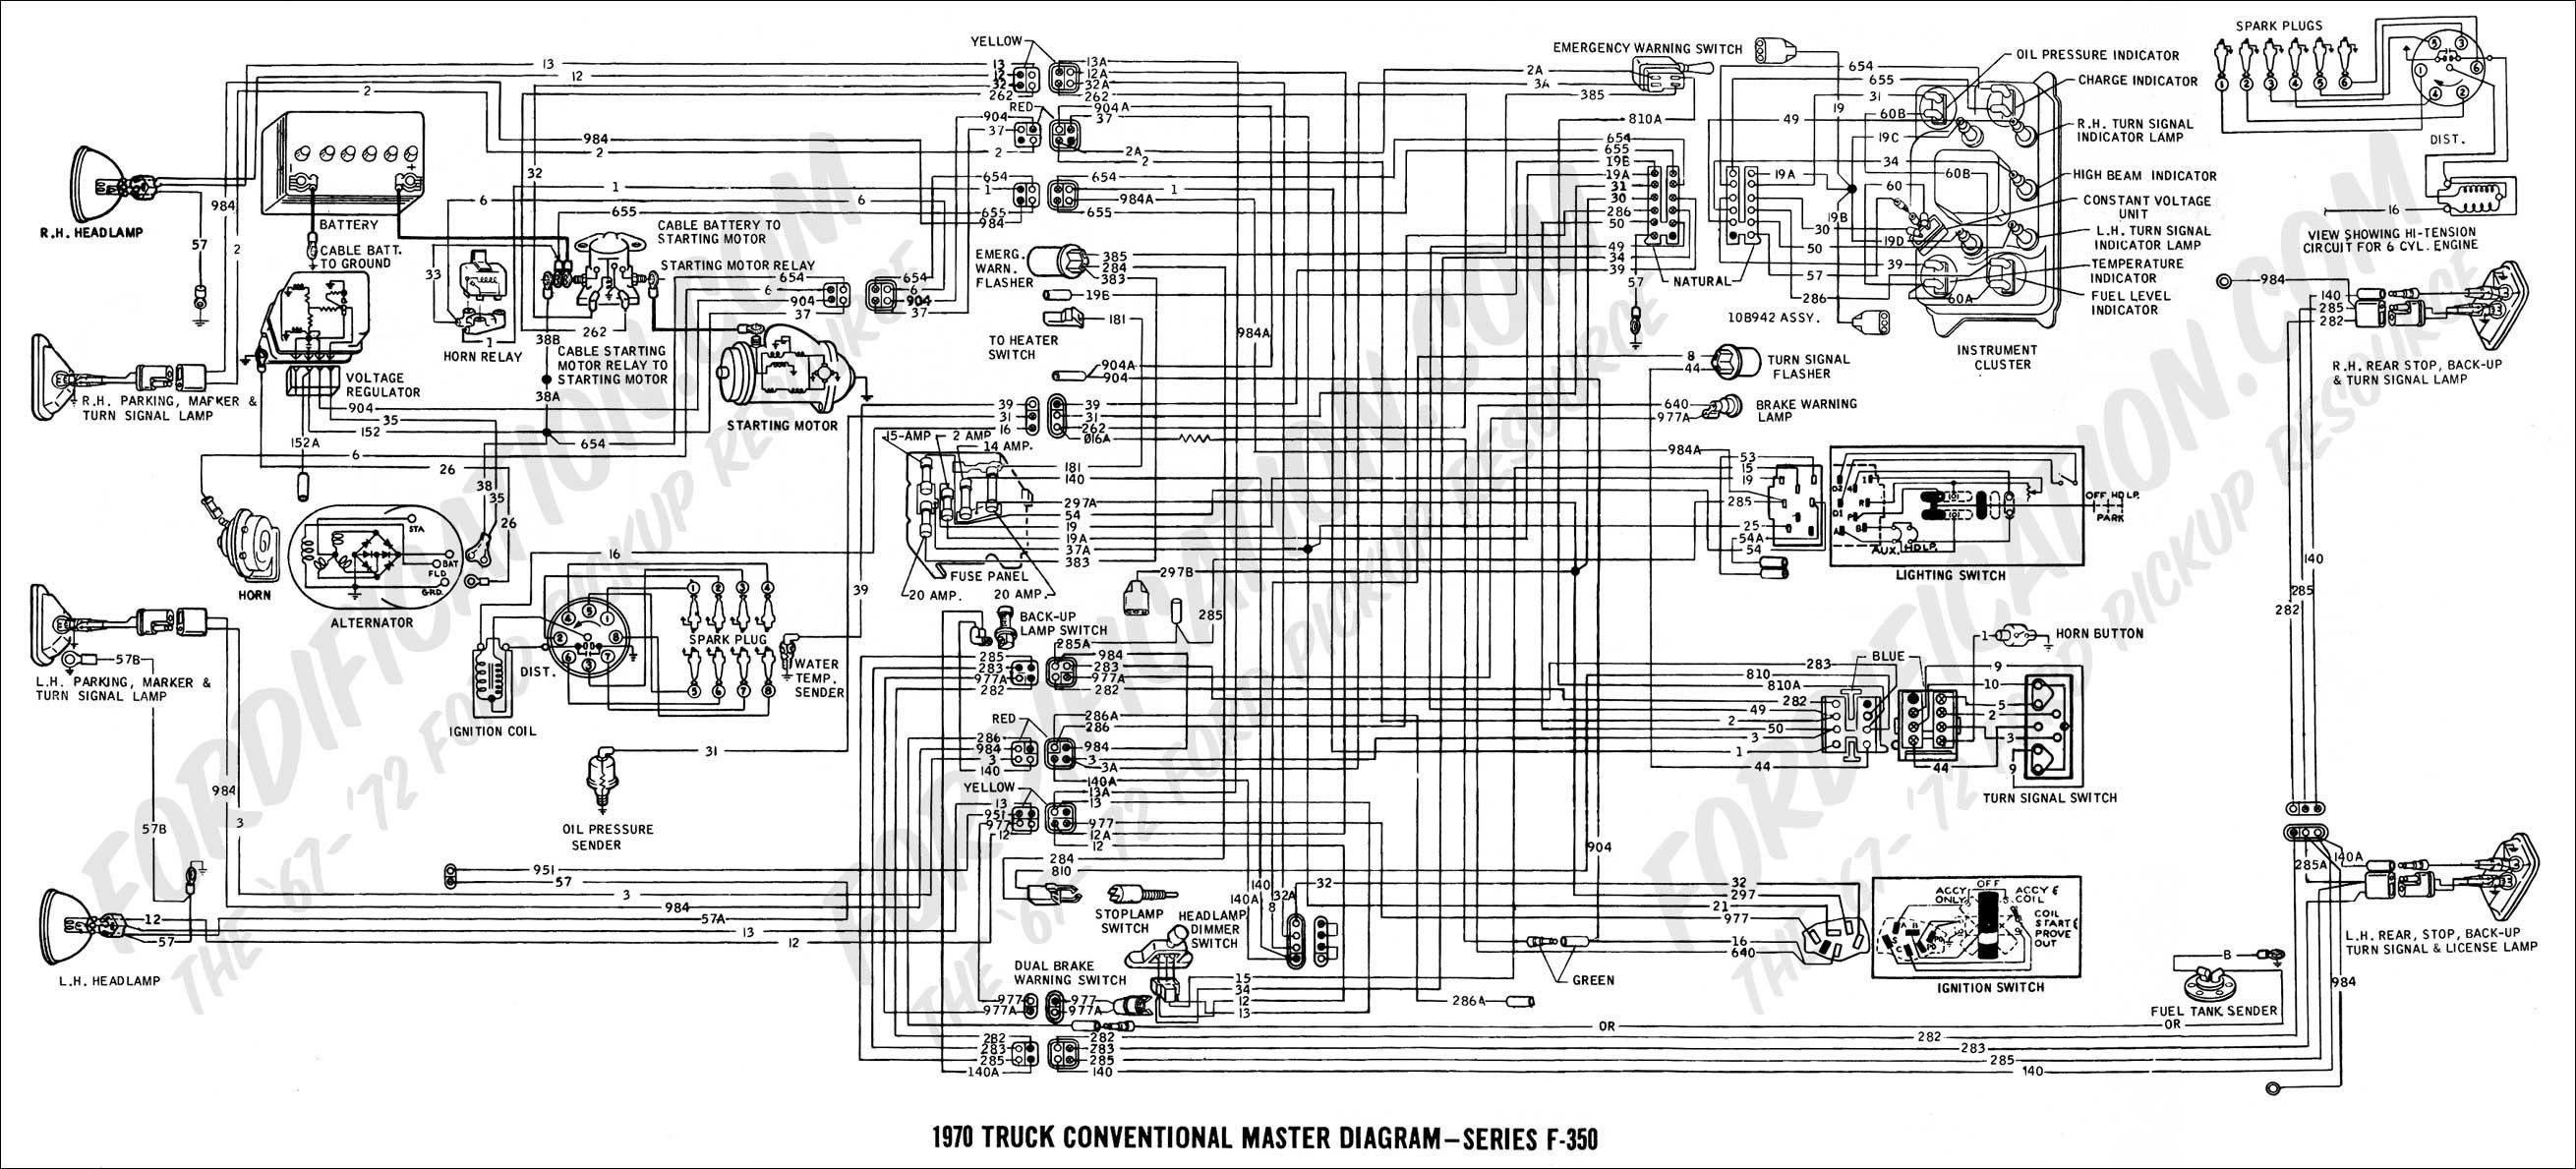 Starter solenoid Wiring Diagram Unique Starter Wiring Diagram ford